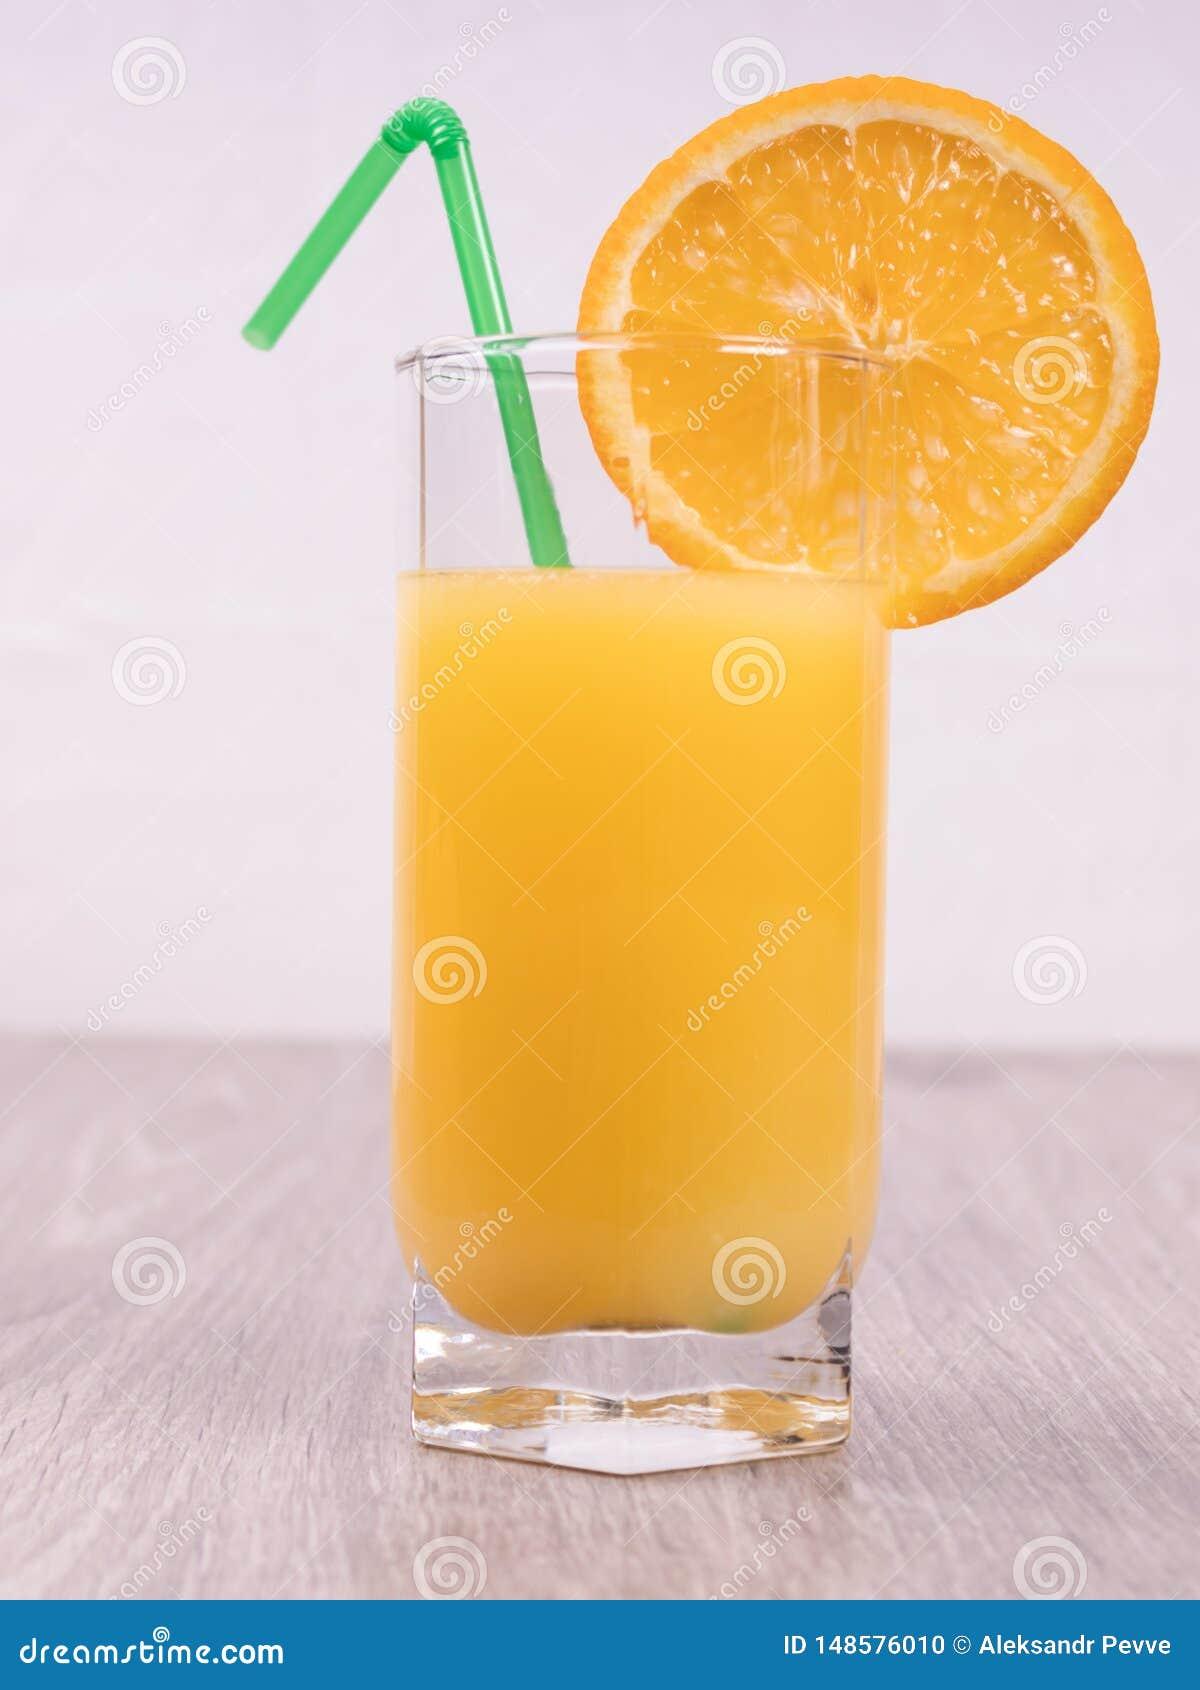 Ένα γυαλί με ένα άχυρο που διακοσμείται με μια φέτα του πορτοκαλιού σε ένα ελαφρύ υπόβαθρο